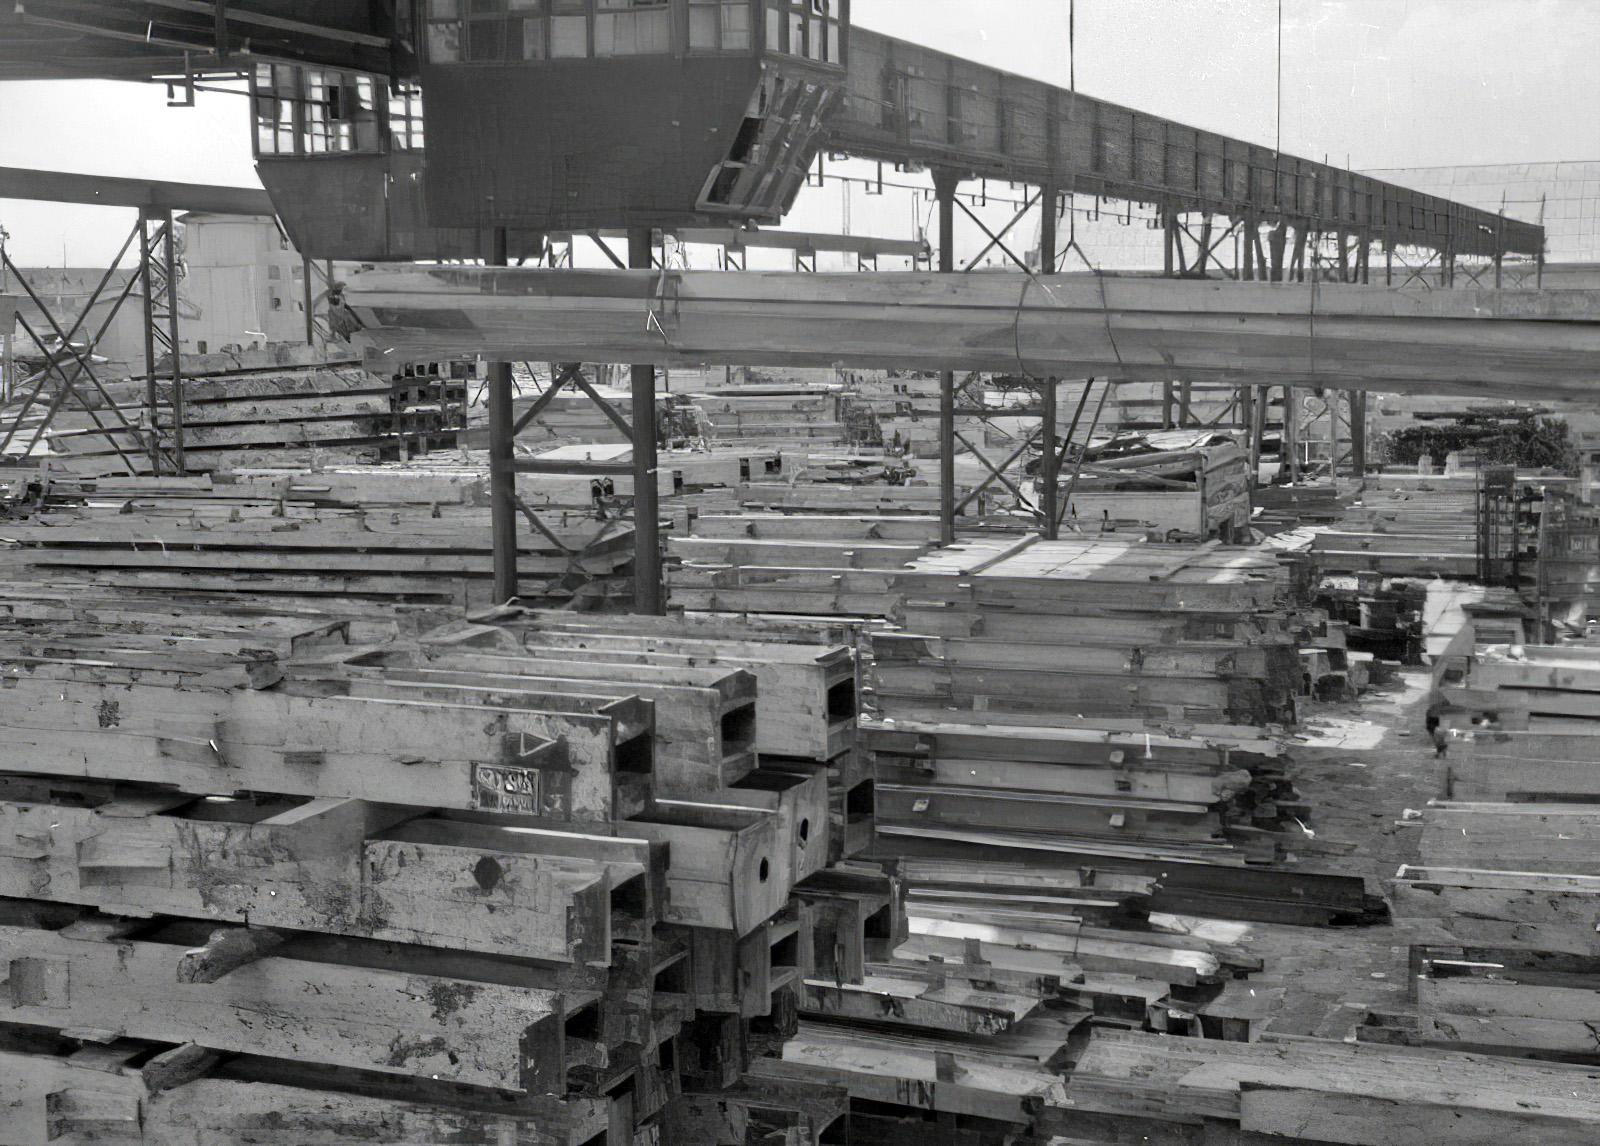 1951 Склад металлоконструкций на ст. Очаково (обеспечивает все высотные здания Москвы металлическими конструкциями для каркасов зданий)3